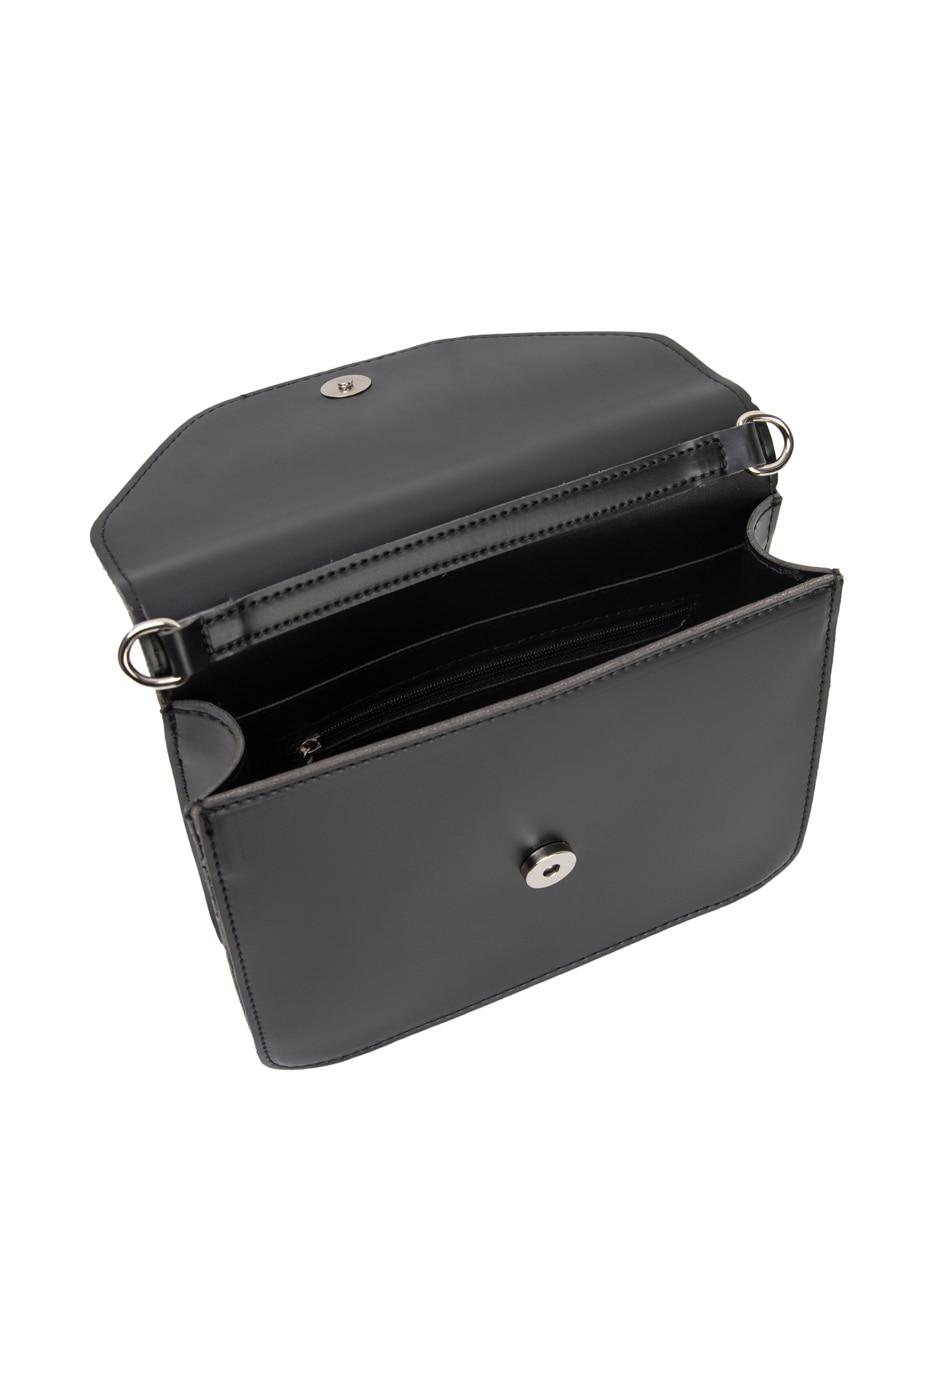 Vivid letter square shoulder bag